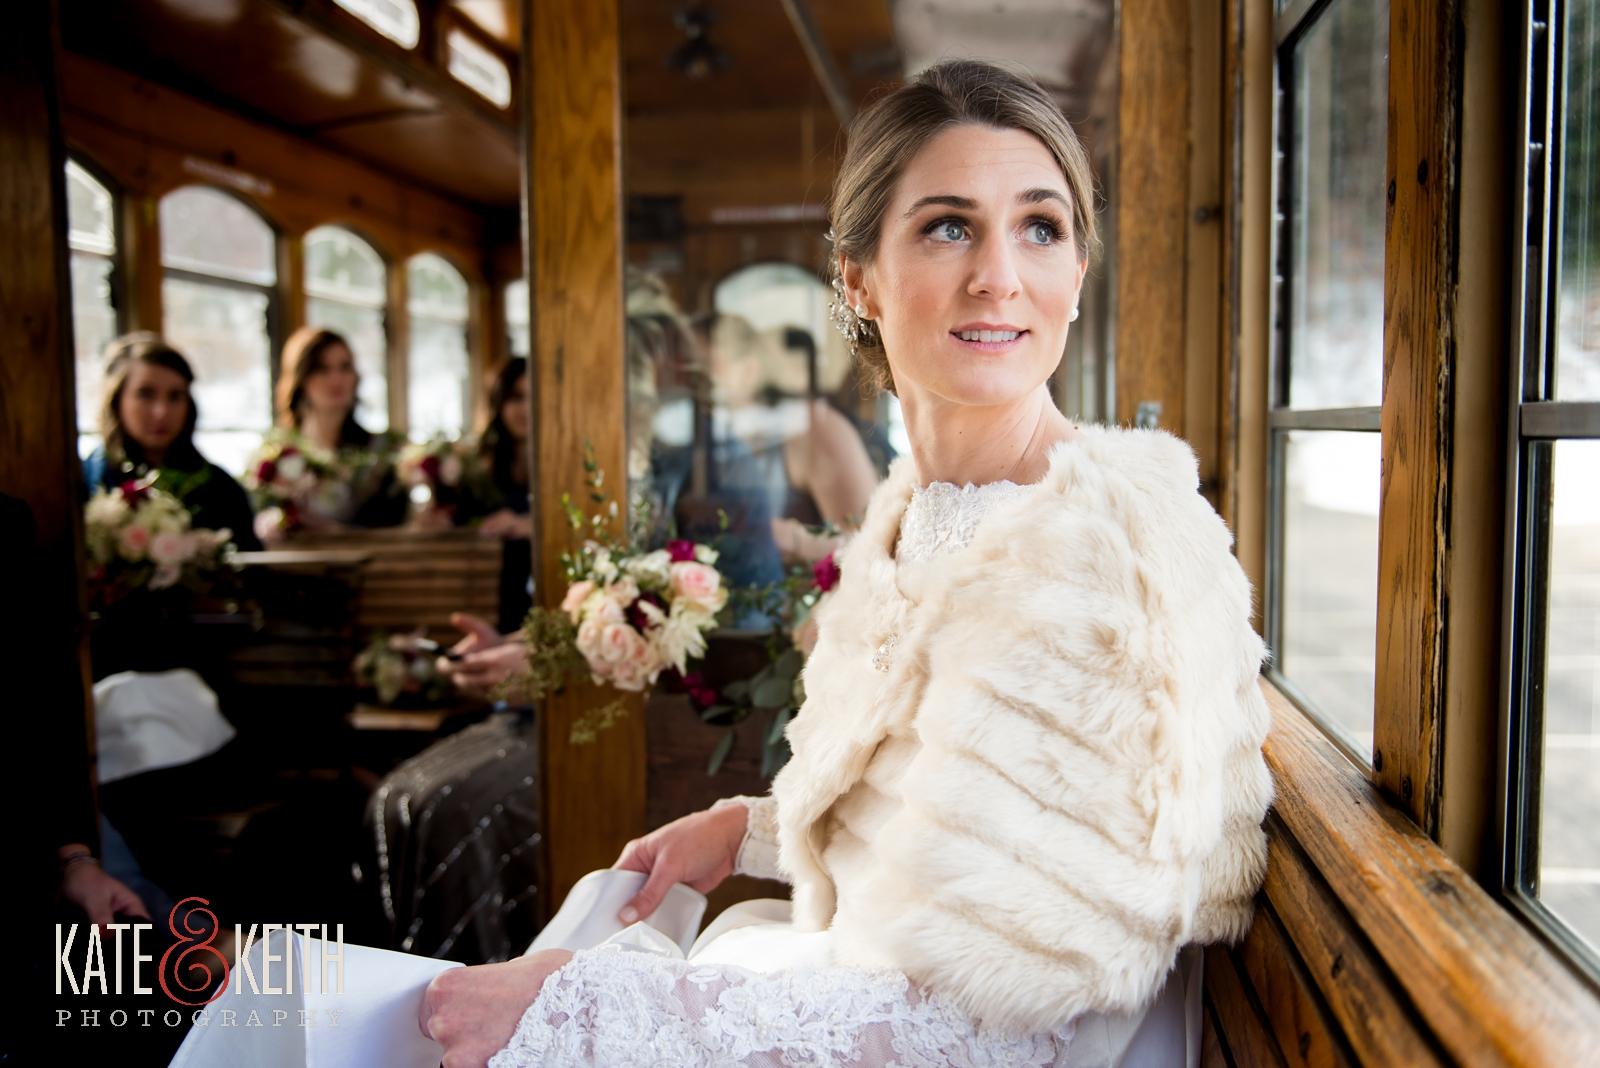 Barn on the Pemi, Your Dream Bridal shop, Winter wedding, New Hampshire, wedding trolley, fur cap, winter wedding dress, fur wrap, cold weather wedding, old fashioned trolley, wedding party, bridal party